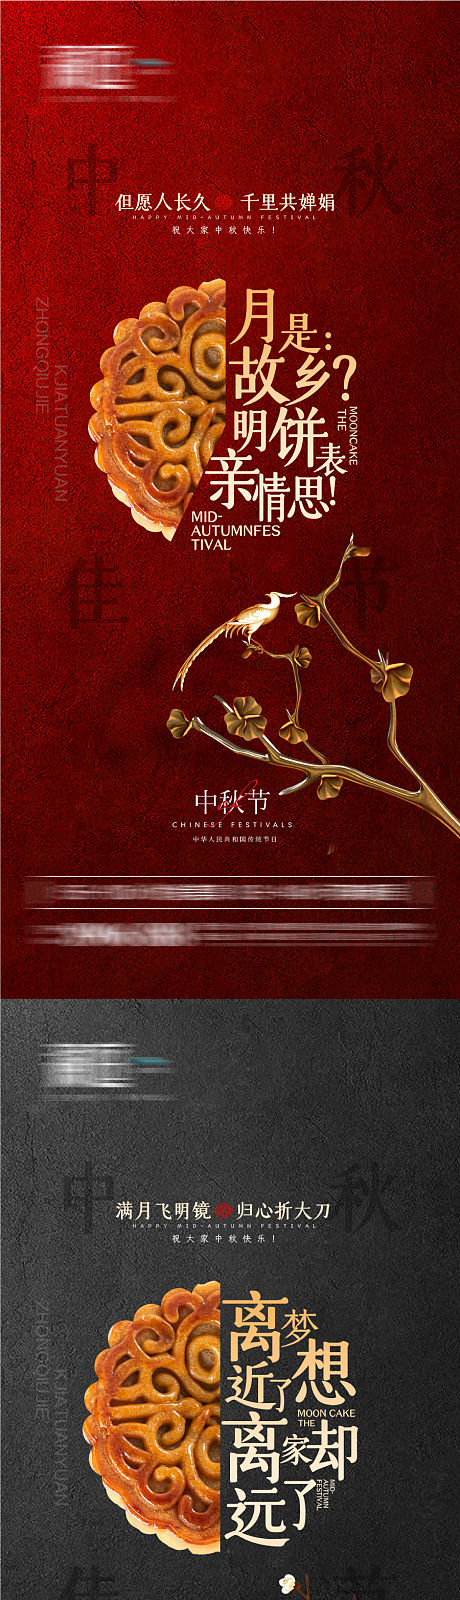 中秋节系列海报-源文件